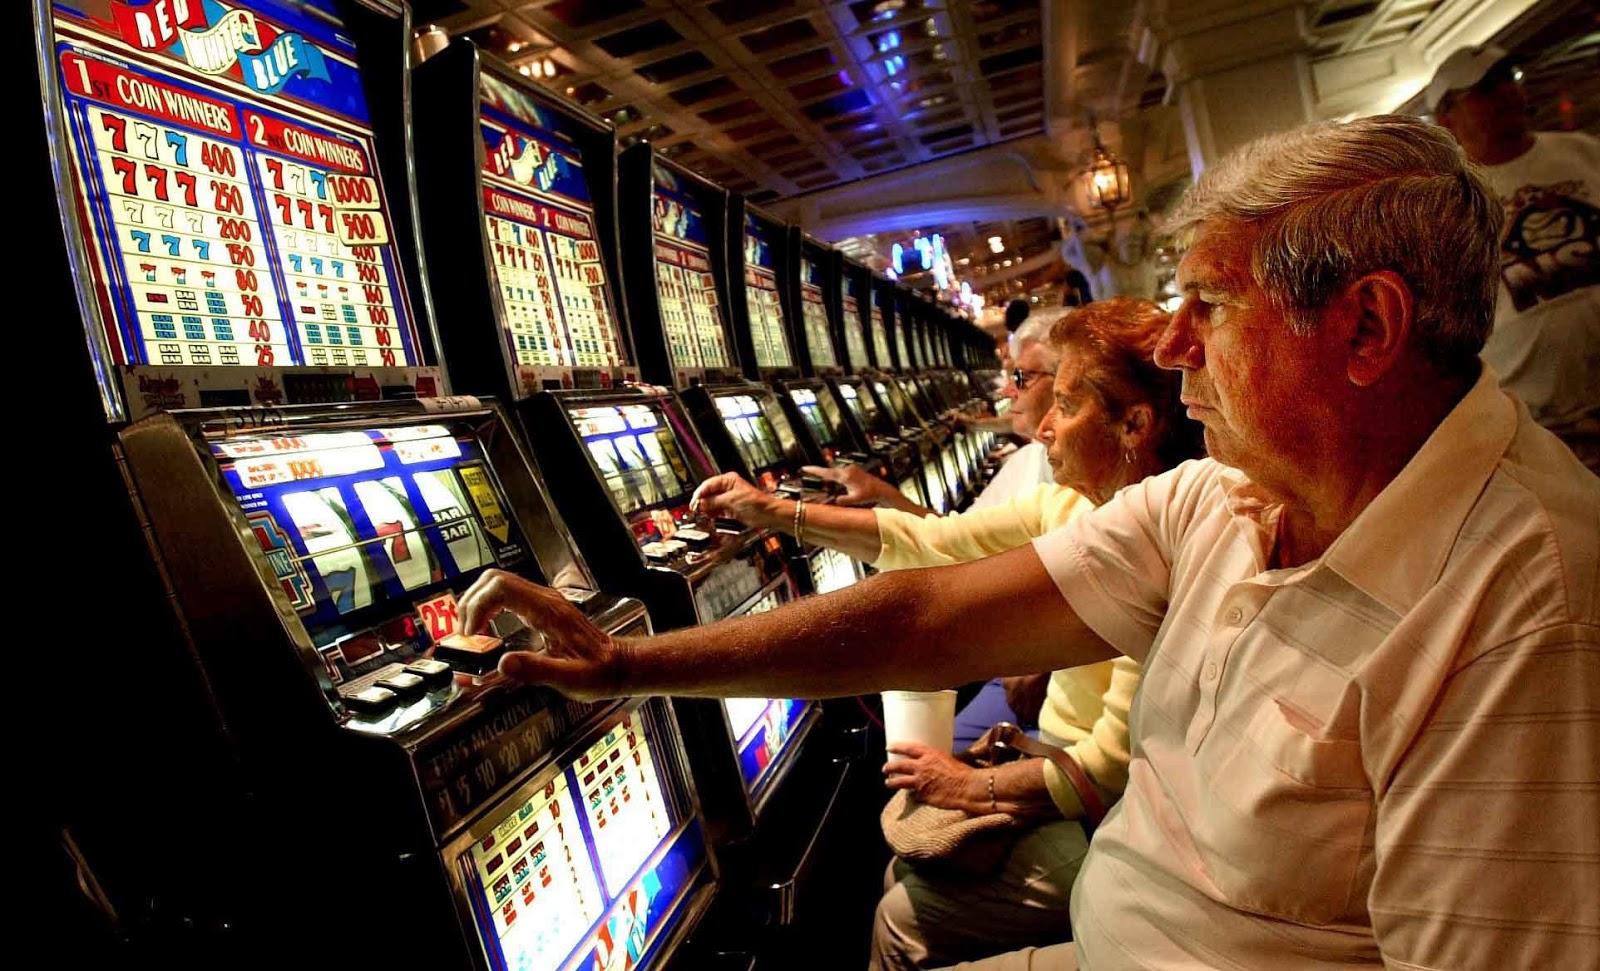 Risultati immagini per immagini di gioco d'azzardo